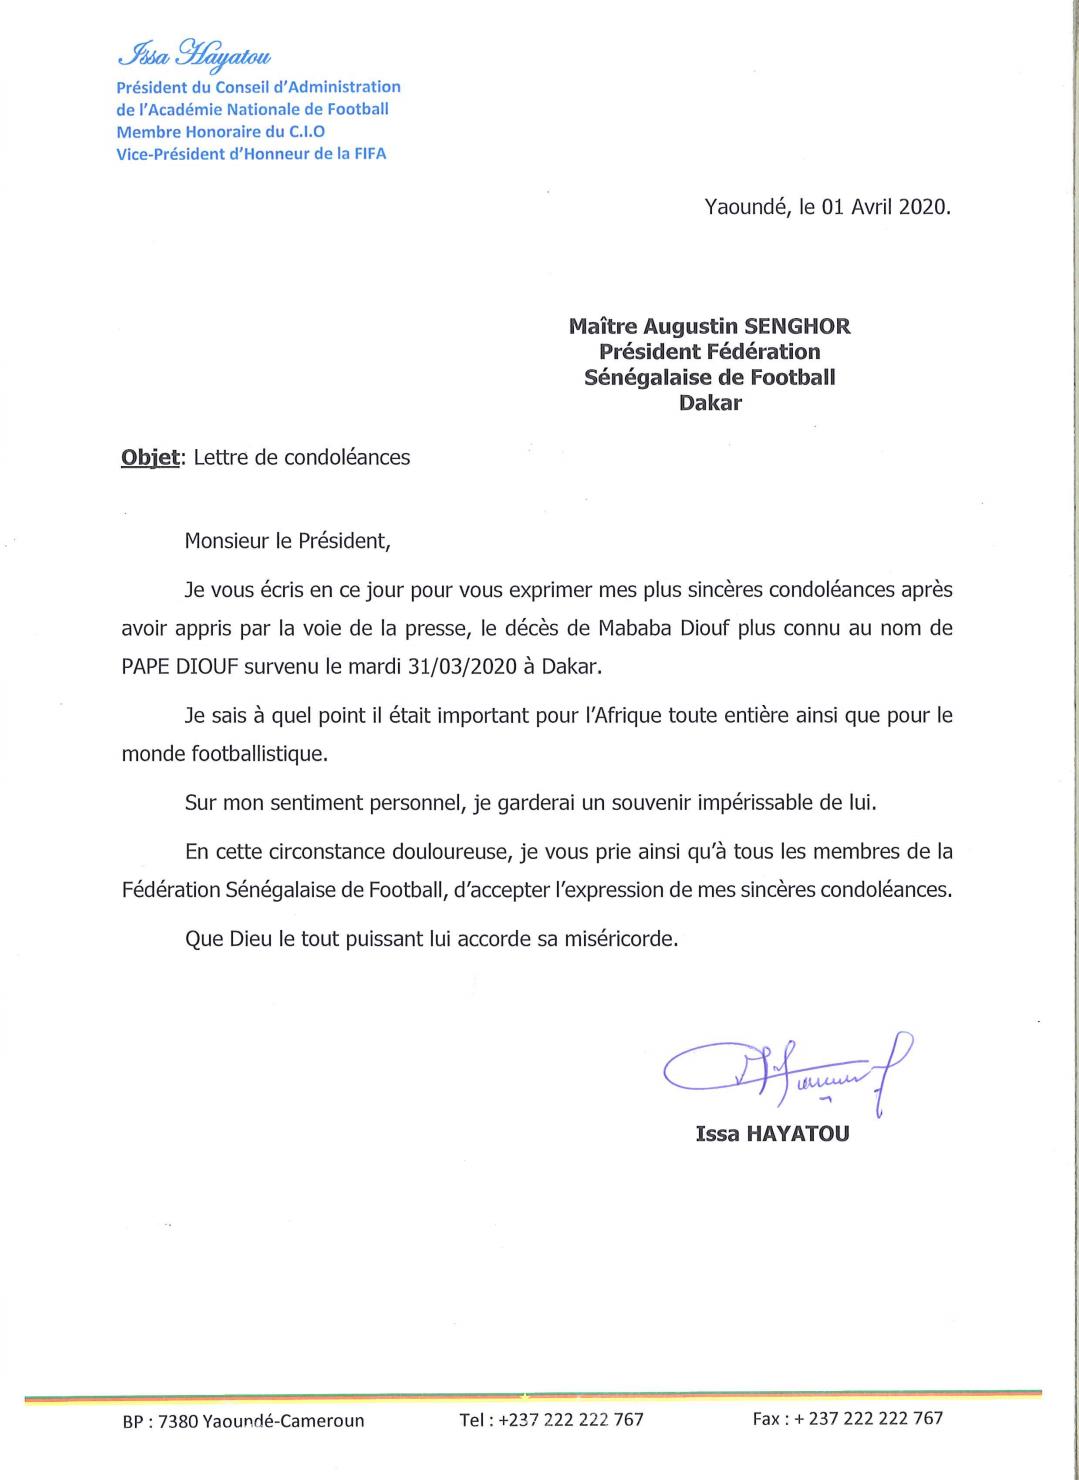 Disparition de Pape Diouf : L'ancien président de la CAF, Issa Hayatou a présenté ses condoléances à la FSF. (DOCUMENT)